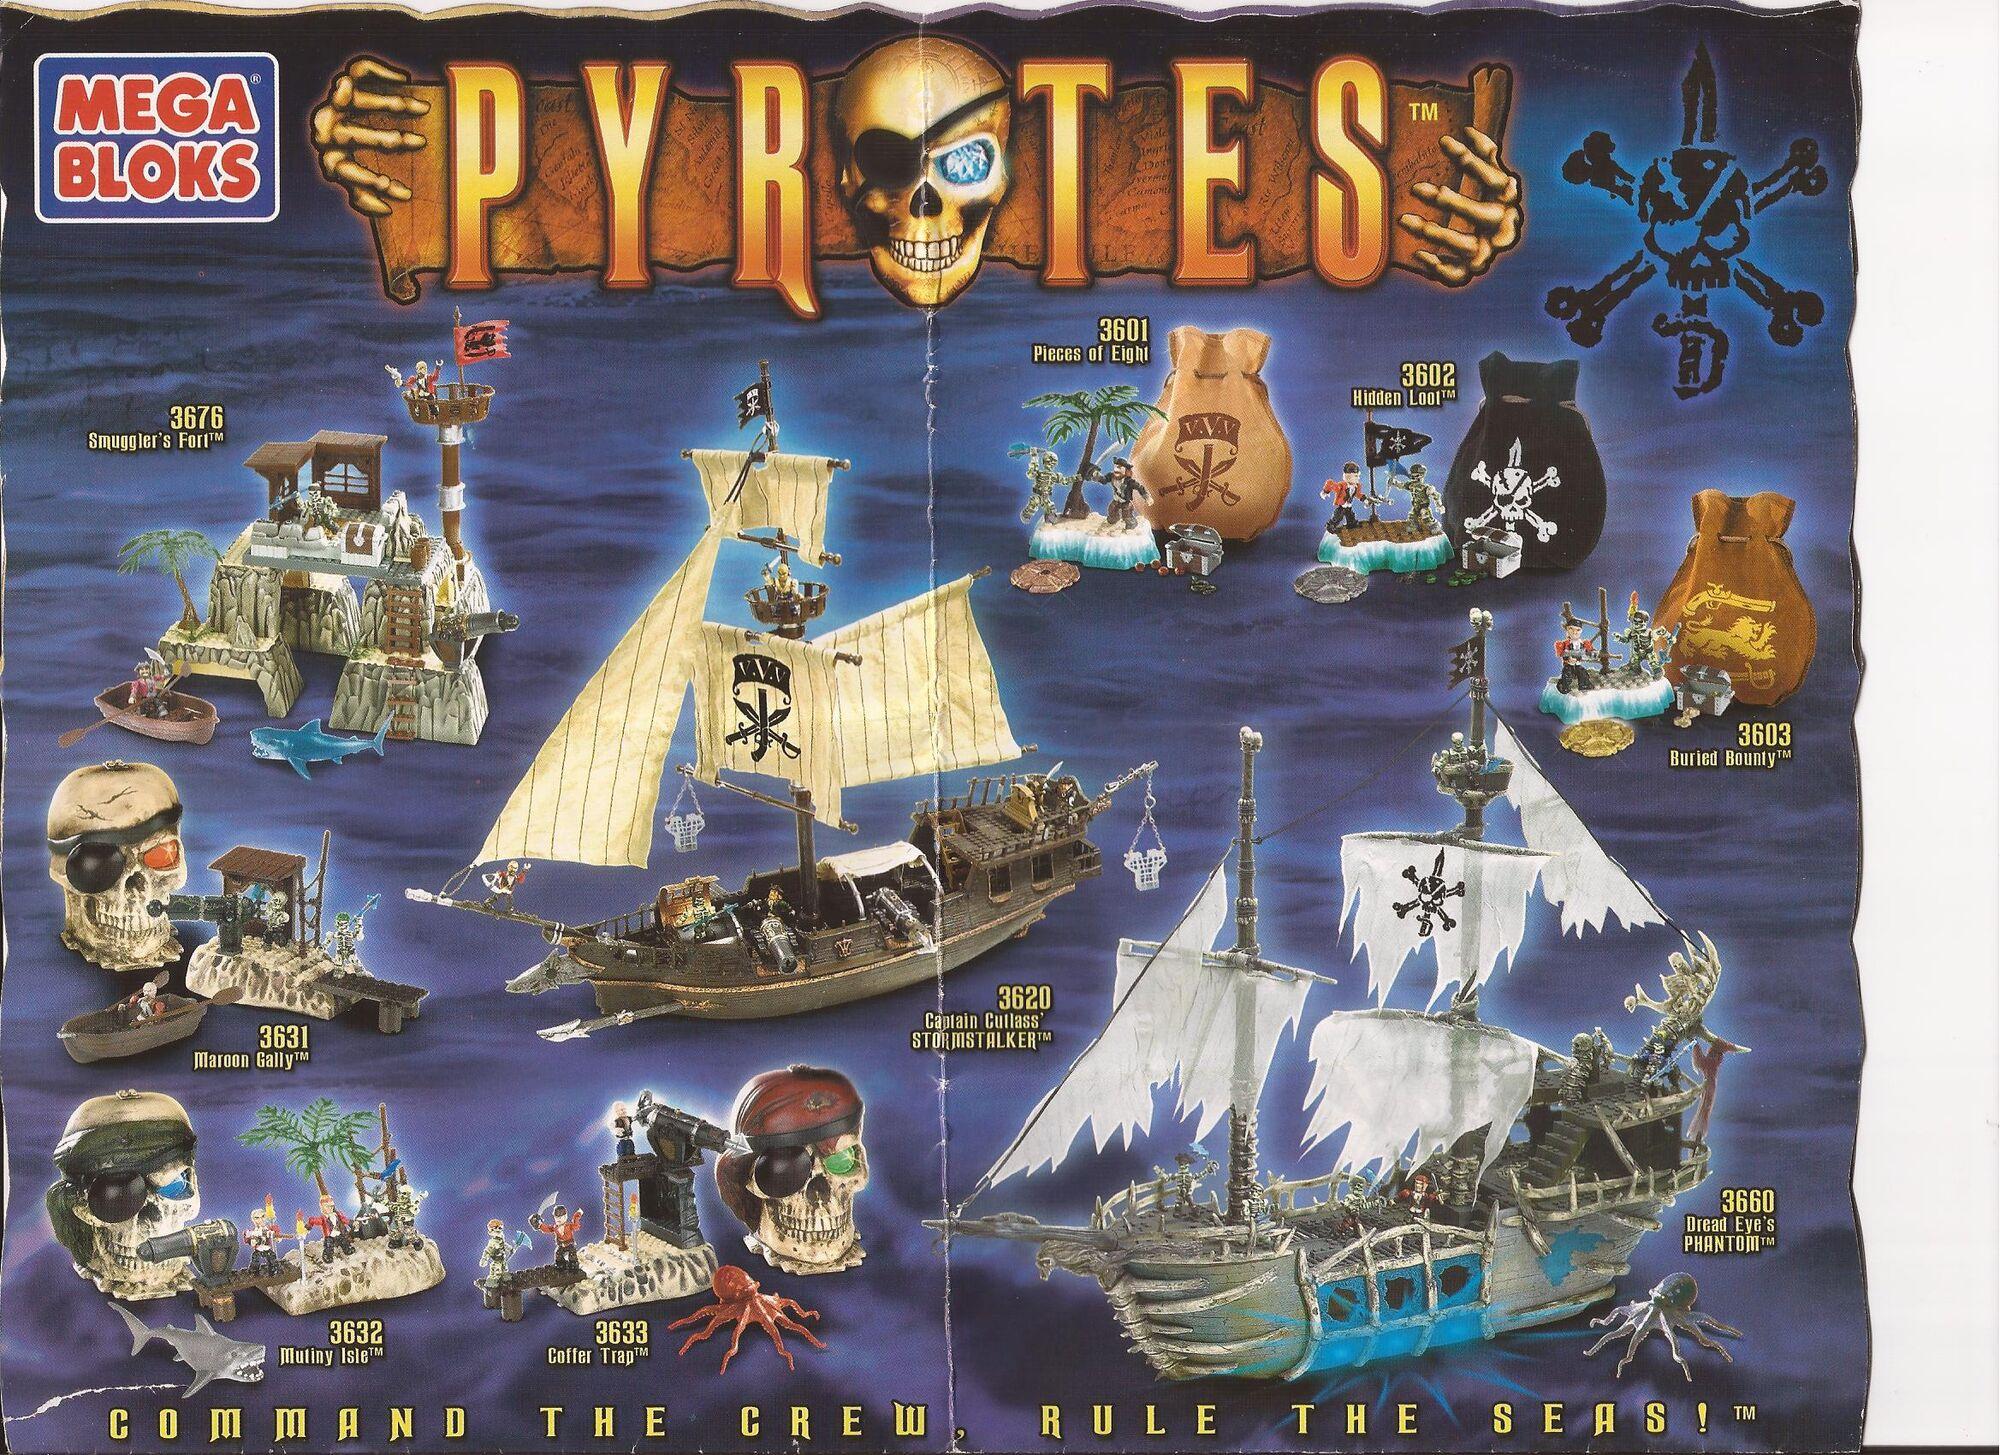 Mega bloks pyrates instructions